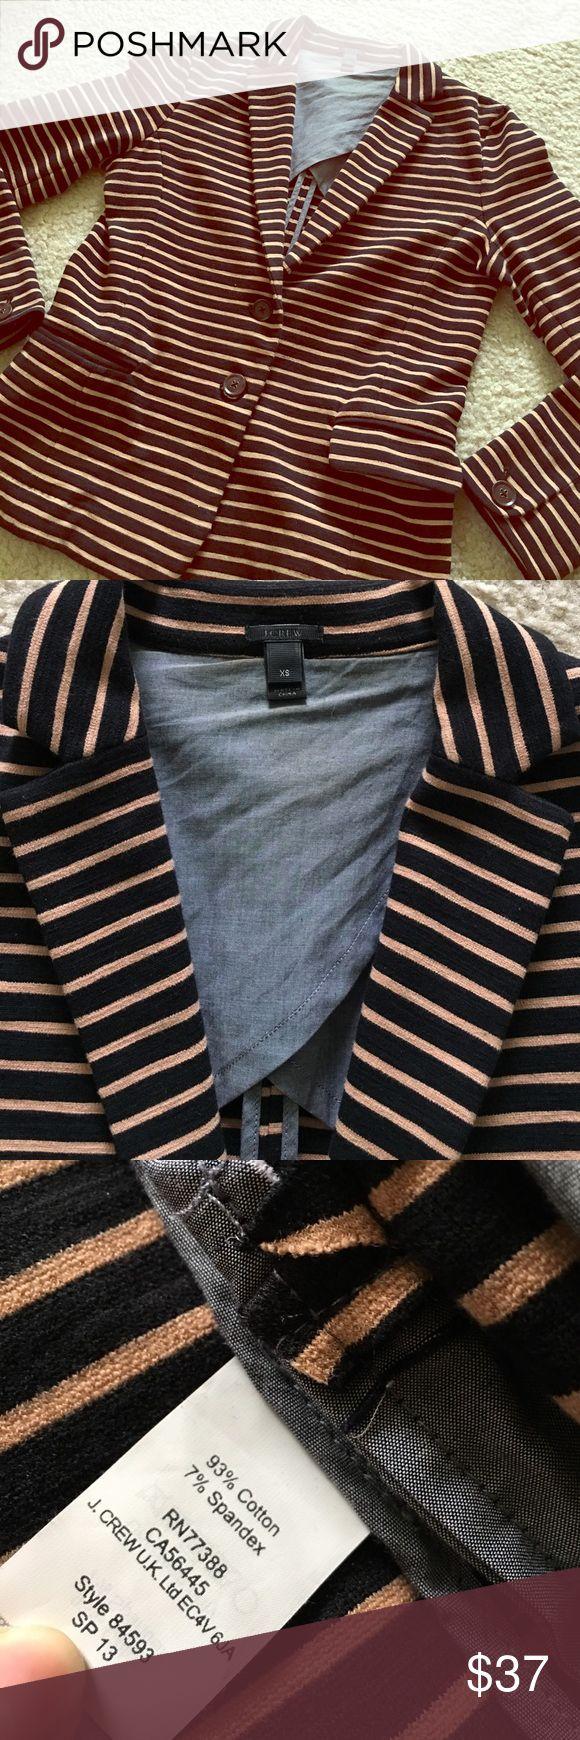 J CREW black & tan stretchy striped blazer J CREW black & tan stretchy striped blazer. In great condition and open to offers! J. Crew Jackets & Coats Blazers